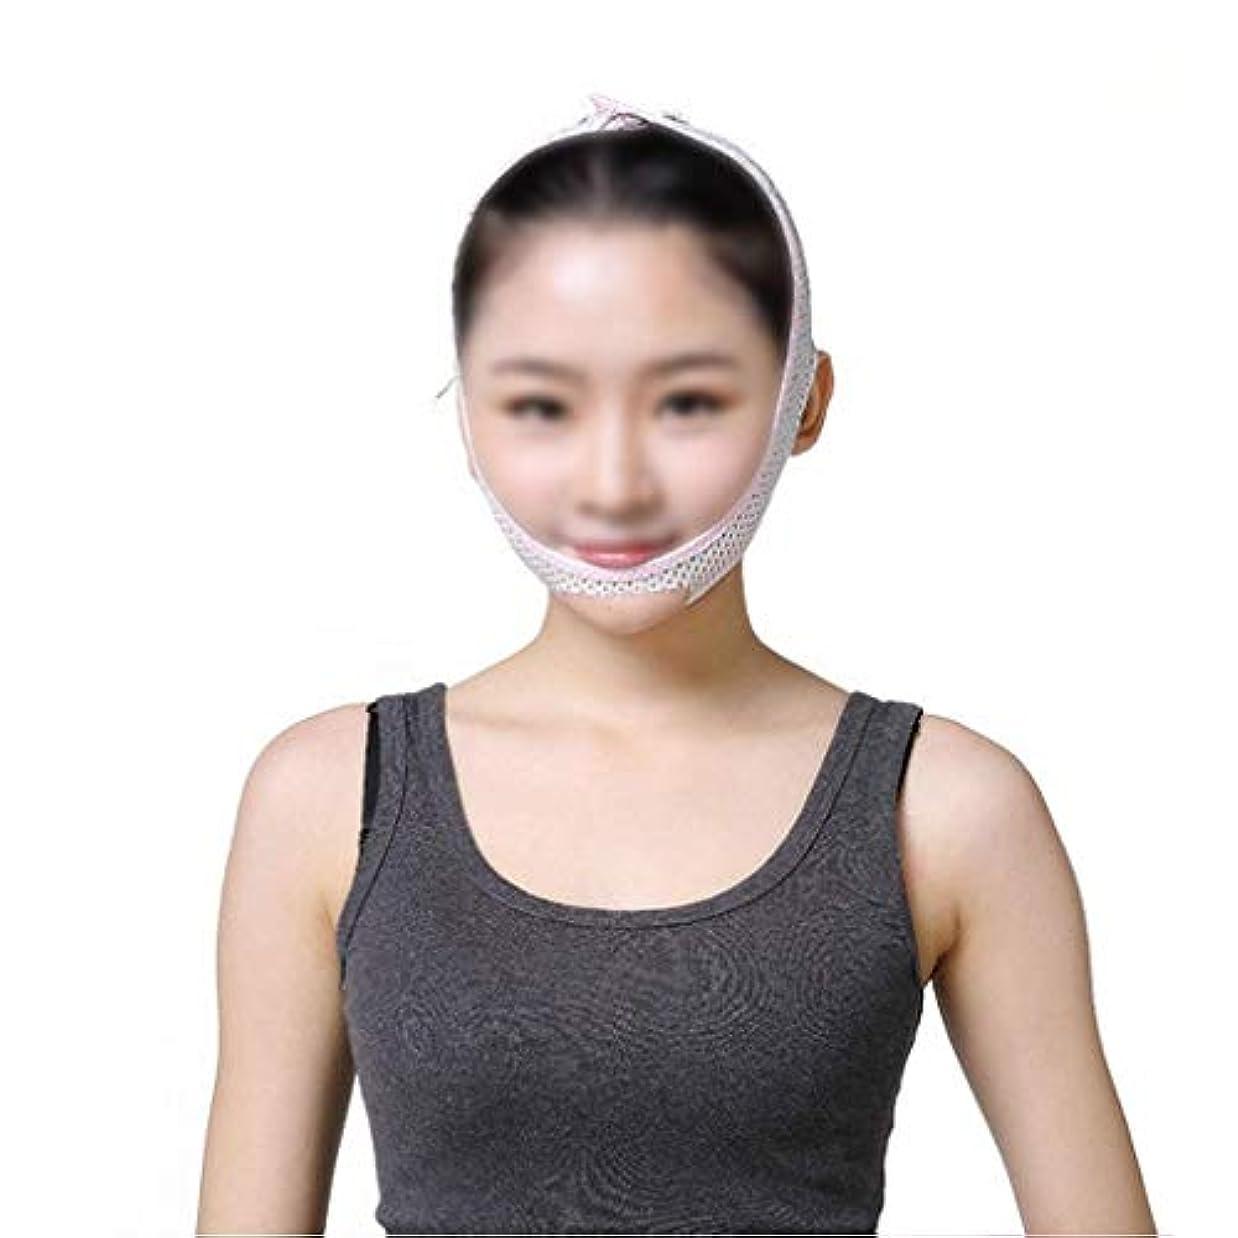 日常的に瞑想的失業フェイスリフティングマスク、快適で リフティングスキンファーミングスリープシンフェイスアーティファクトアンチリンクル/リムーブダブルチン/術後回復マスク(サイズ:M)